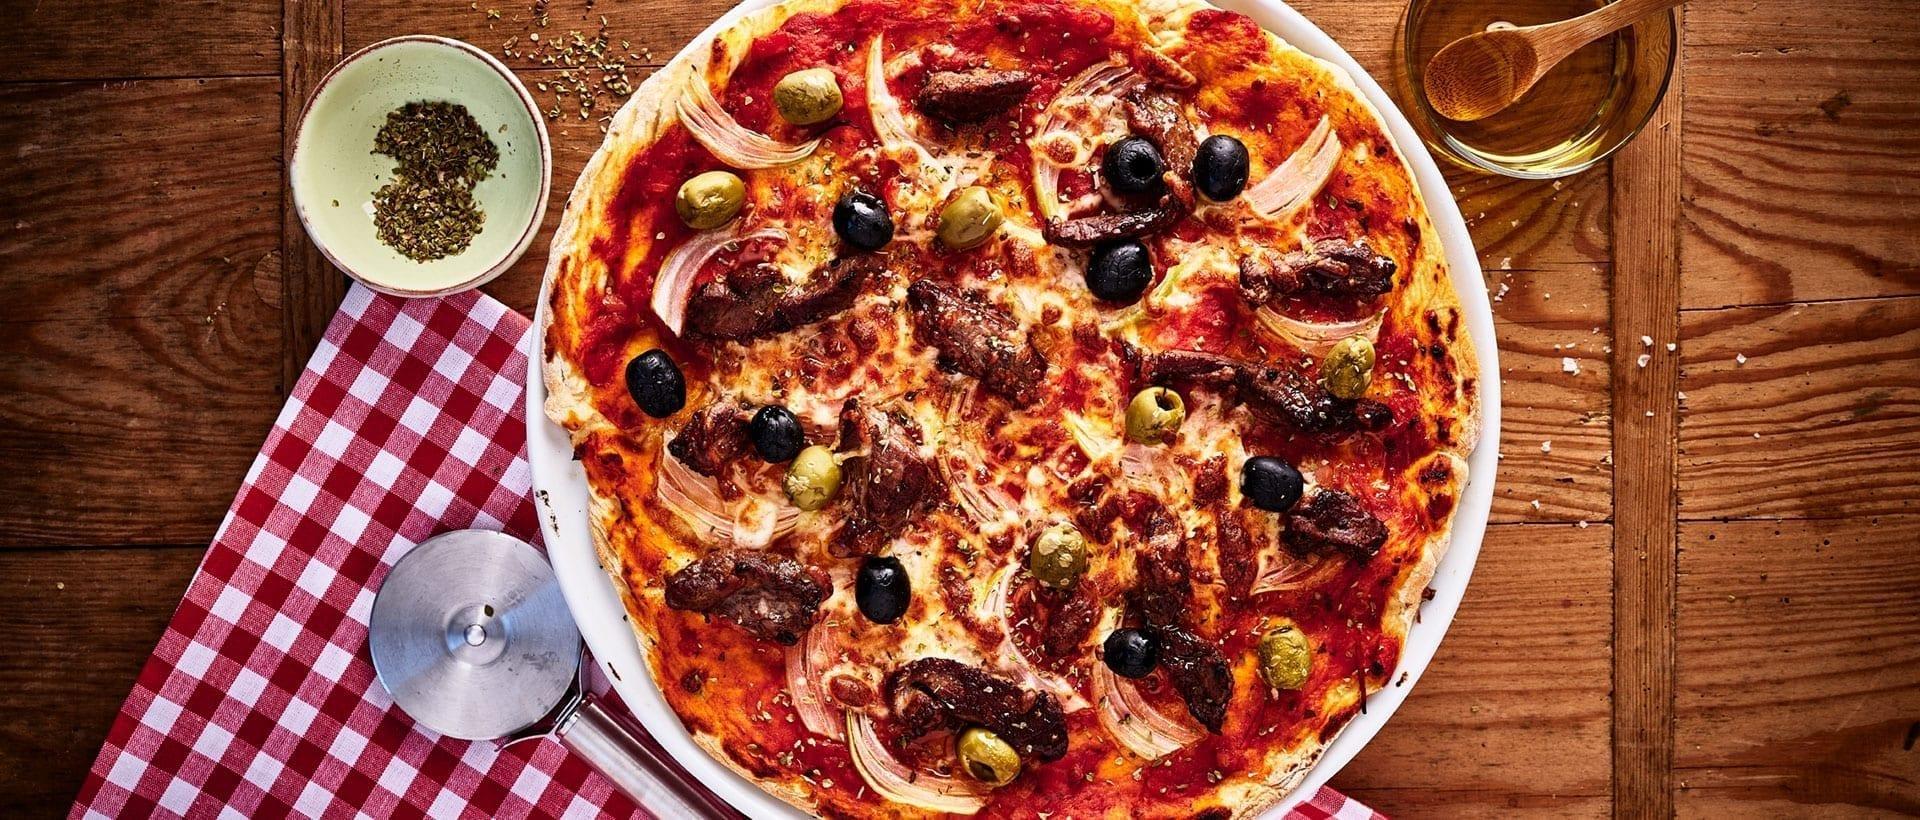 Pizza savaaralerlugu